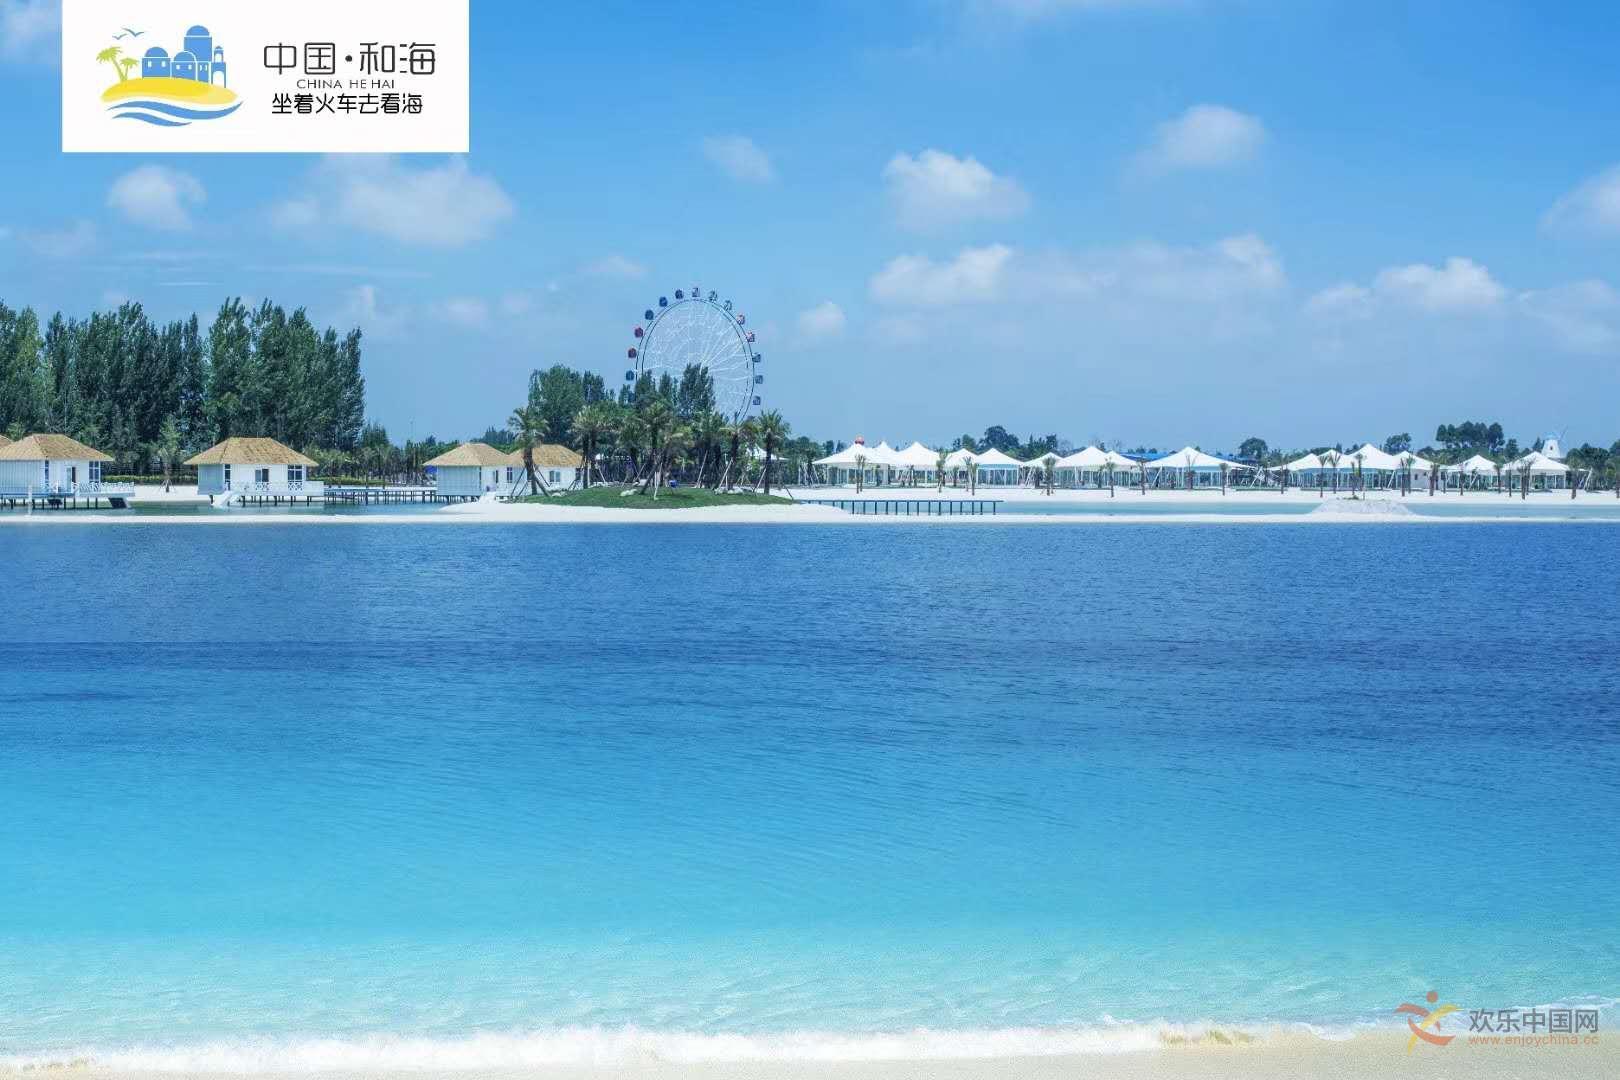 10月13日走进中国马尔代夫德阳和海!